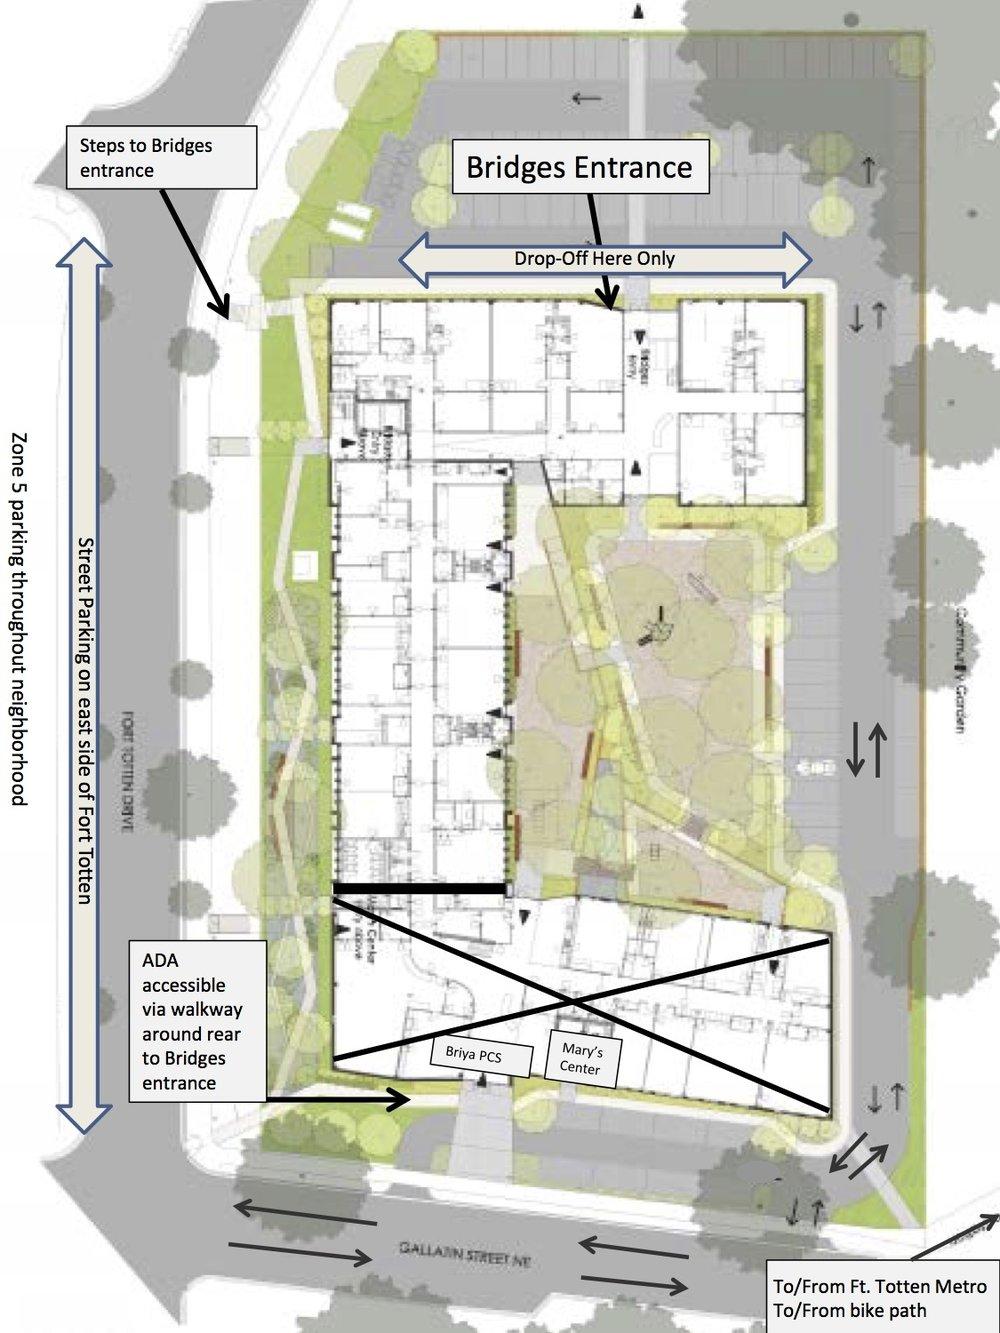 Parkingdropoffinformation  Bridges Public Charter School - Washington dc bridges map